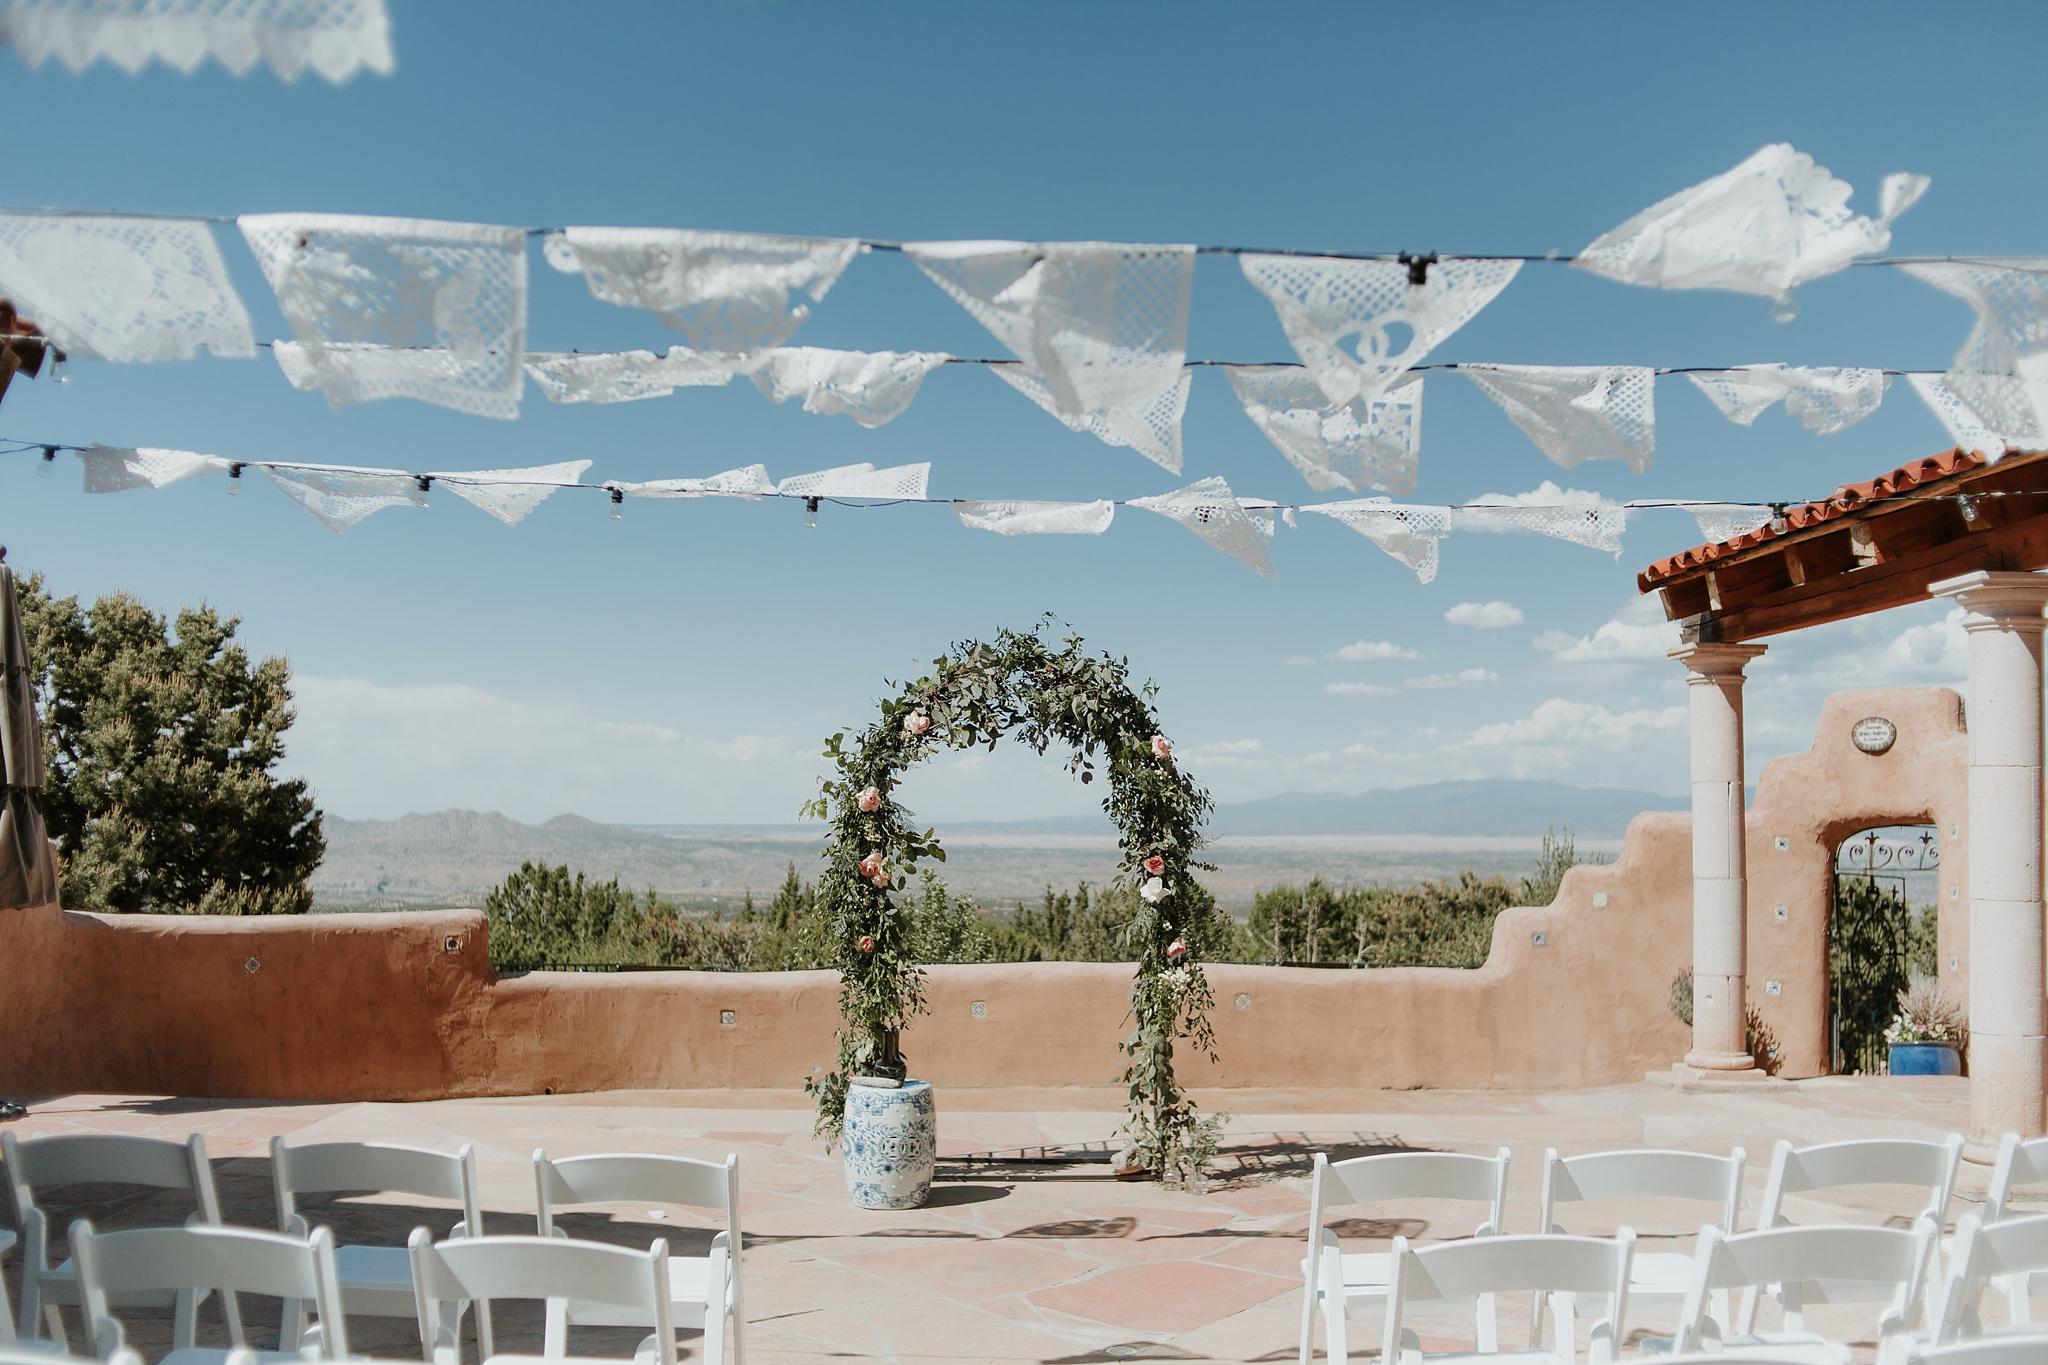 Alicia+lucia+photography+-+albuquerque+wedding+photographer+-+santa+fe+wedding+photography+-+new+mexico+wedding+photographer+-+new+mexico+wedding+-+wedding+venues+-+new+mexico+wedding+venues+-+colorado+wedding+venues_0130.jpg